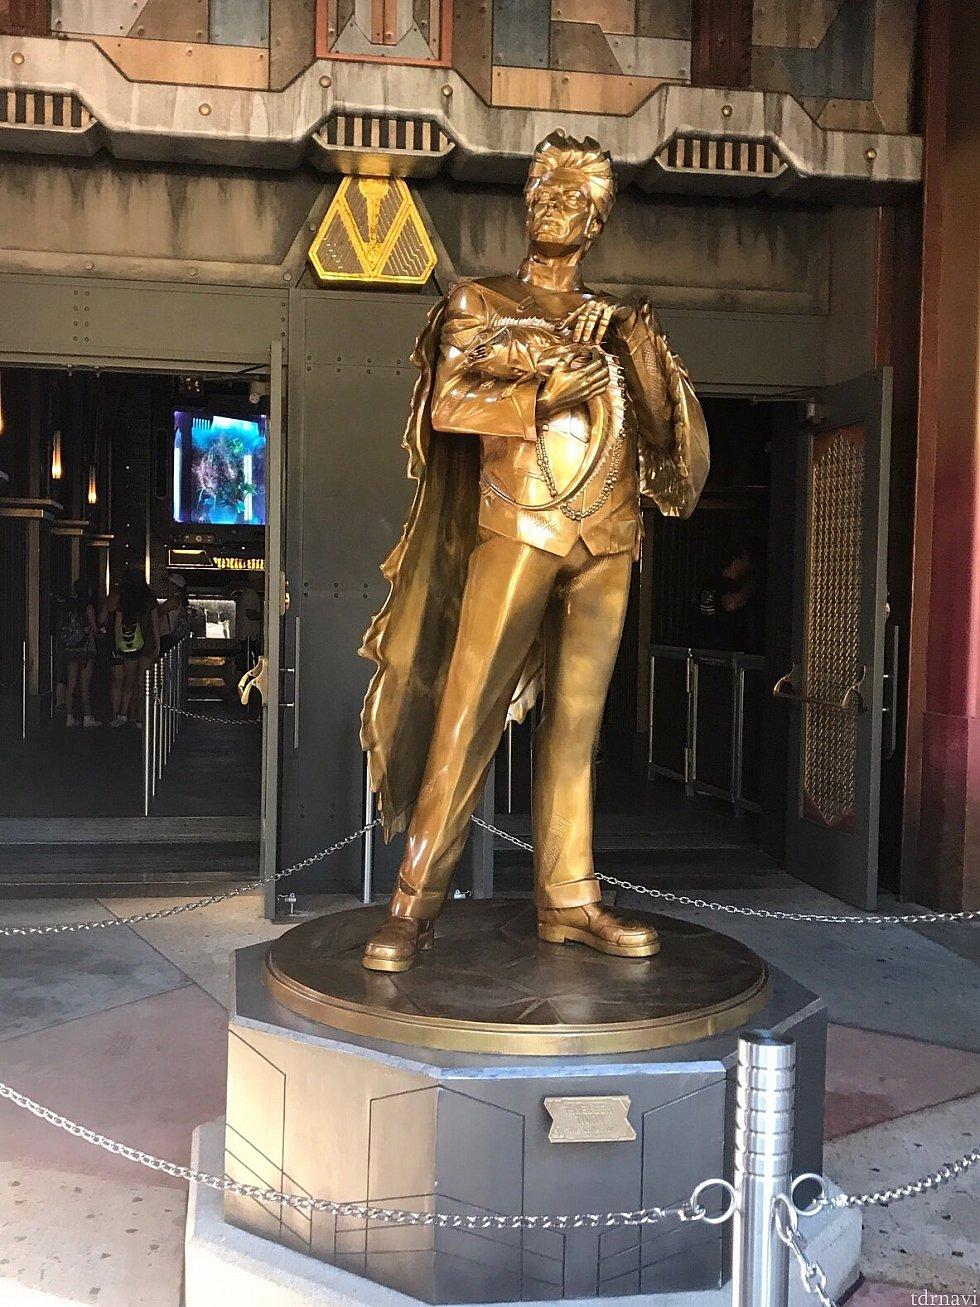 コレクターの金の銅像!左の扉がスタンバイ入り口、右がFP入り口。